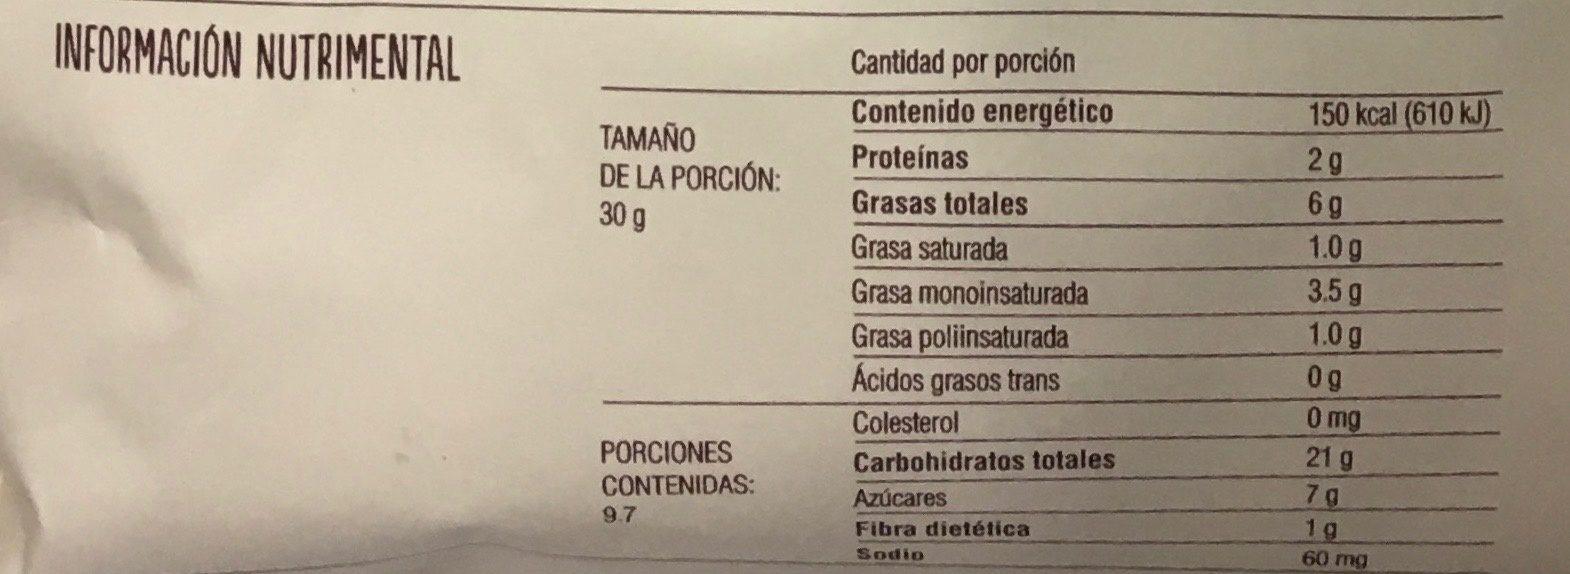 Galletas con gotas de chocolate amargo - Voedingswaarden - es